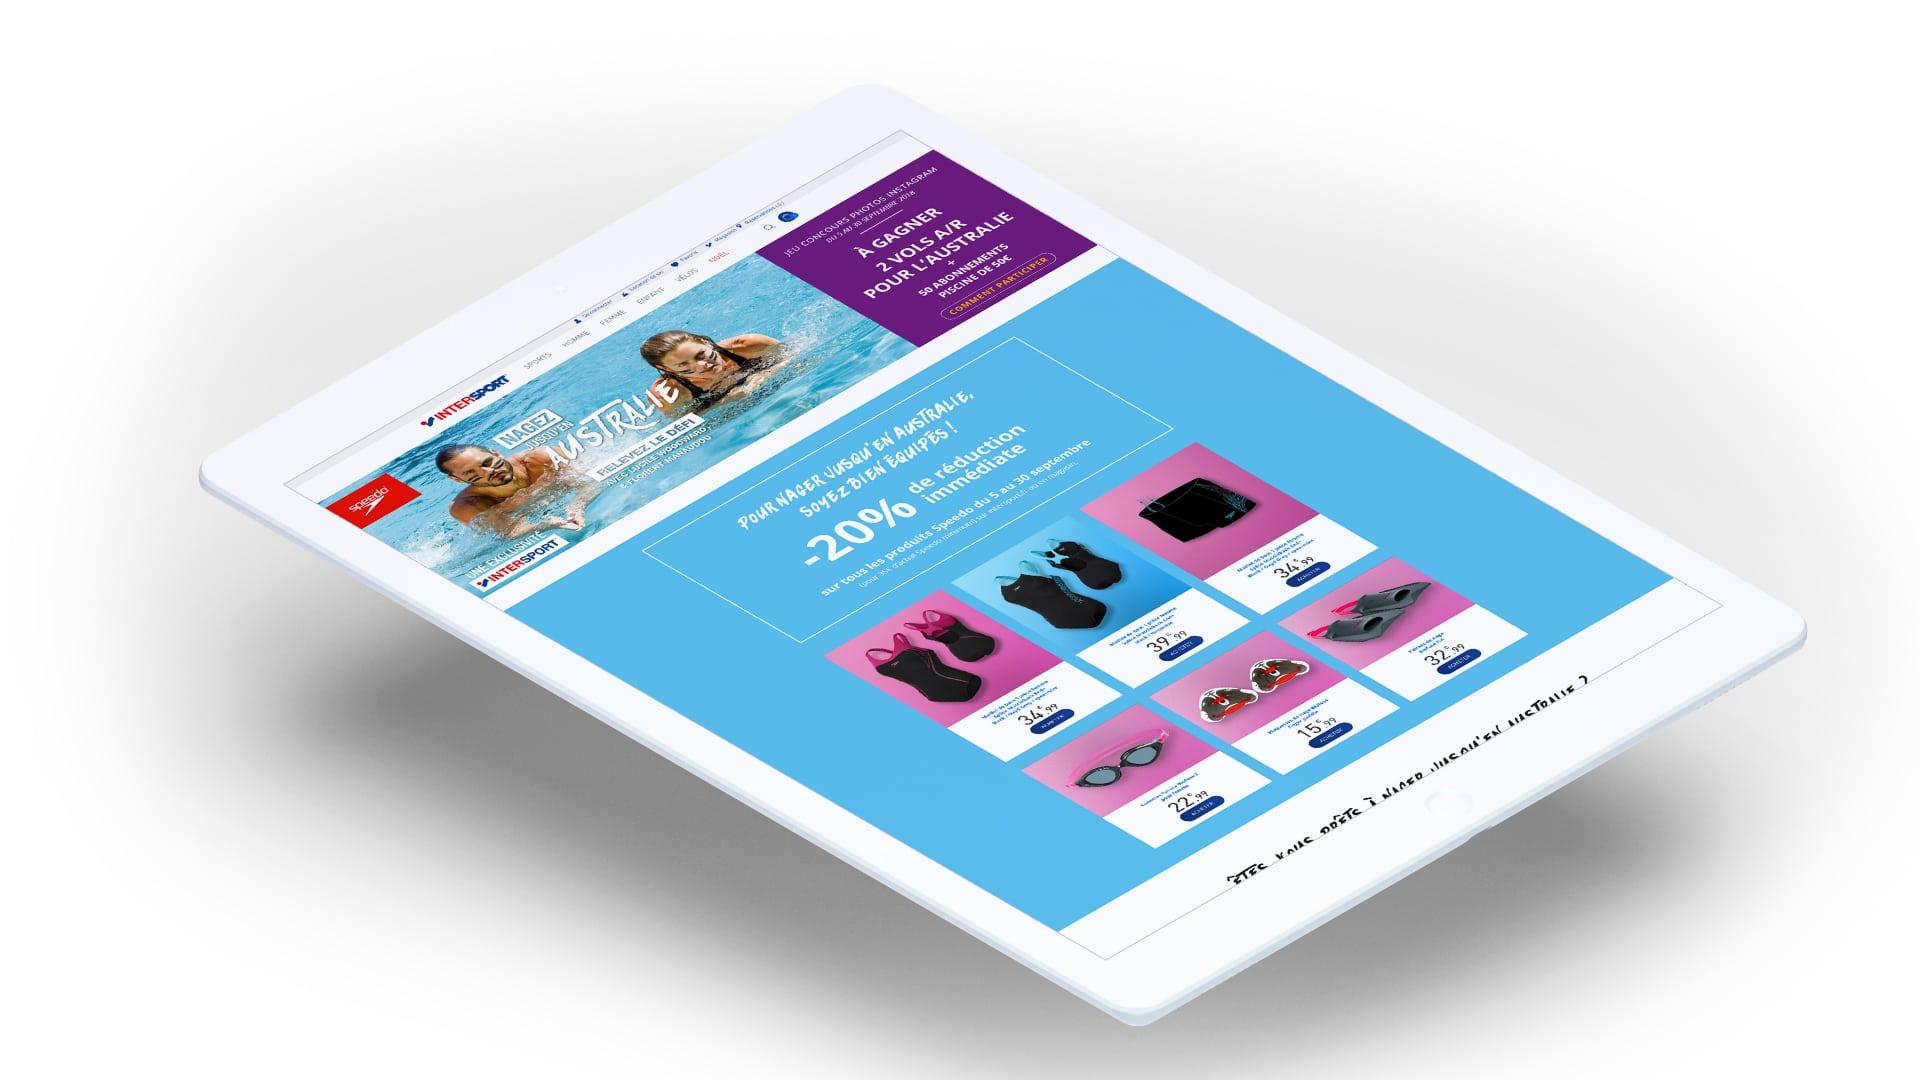 """Landing page ipad de la campagne d'activation des ventes multi-produits Speedo, """"Nagez jusqu'en Australie"""", trade marketing réalisé par l'agence de communication Siouxe, à Paris."""